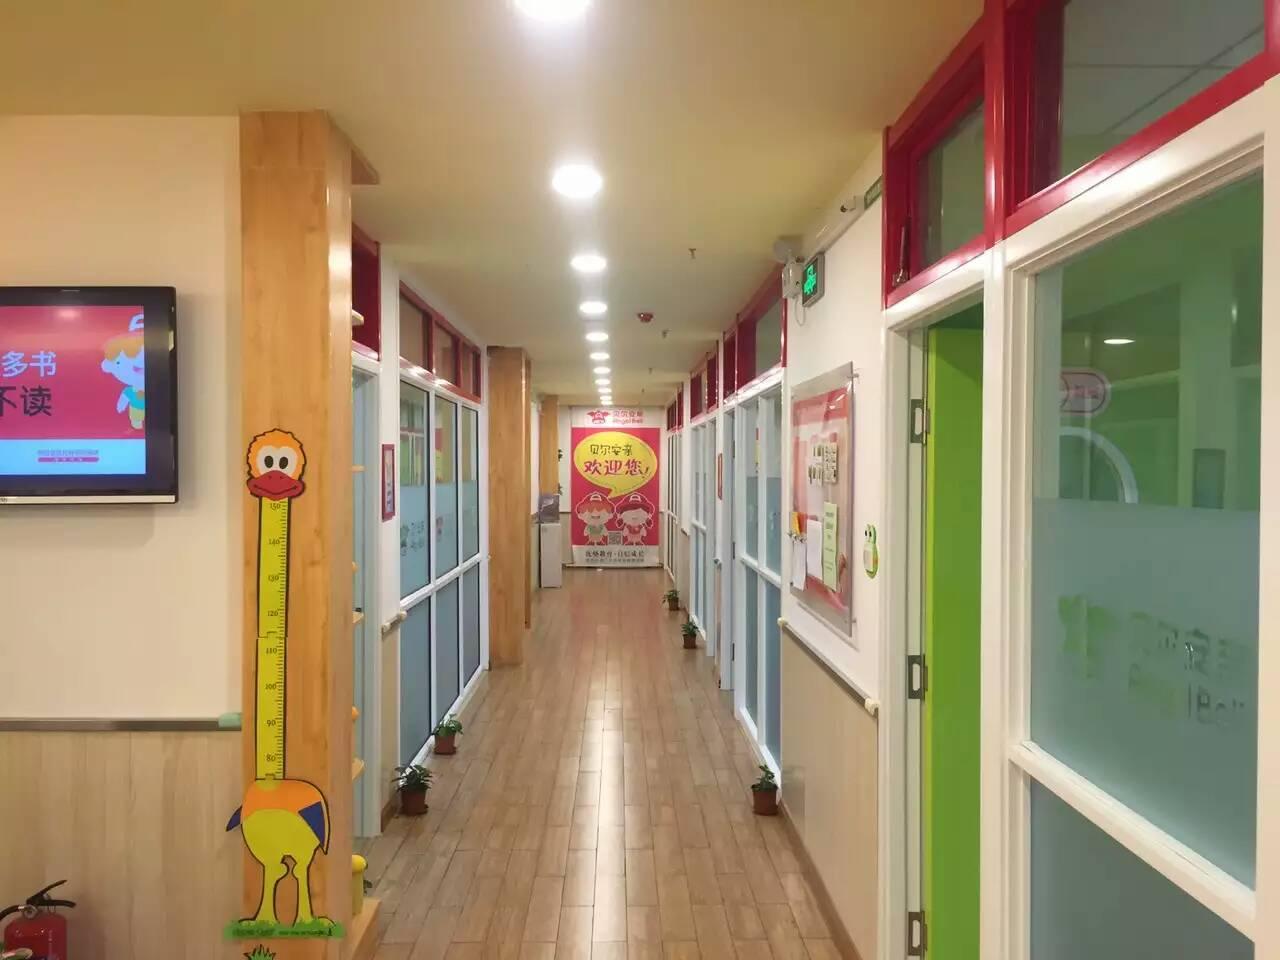 贝尔安亲沧州河间市实验小学校区绽放新面貌啦